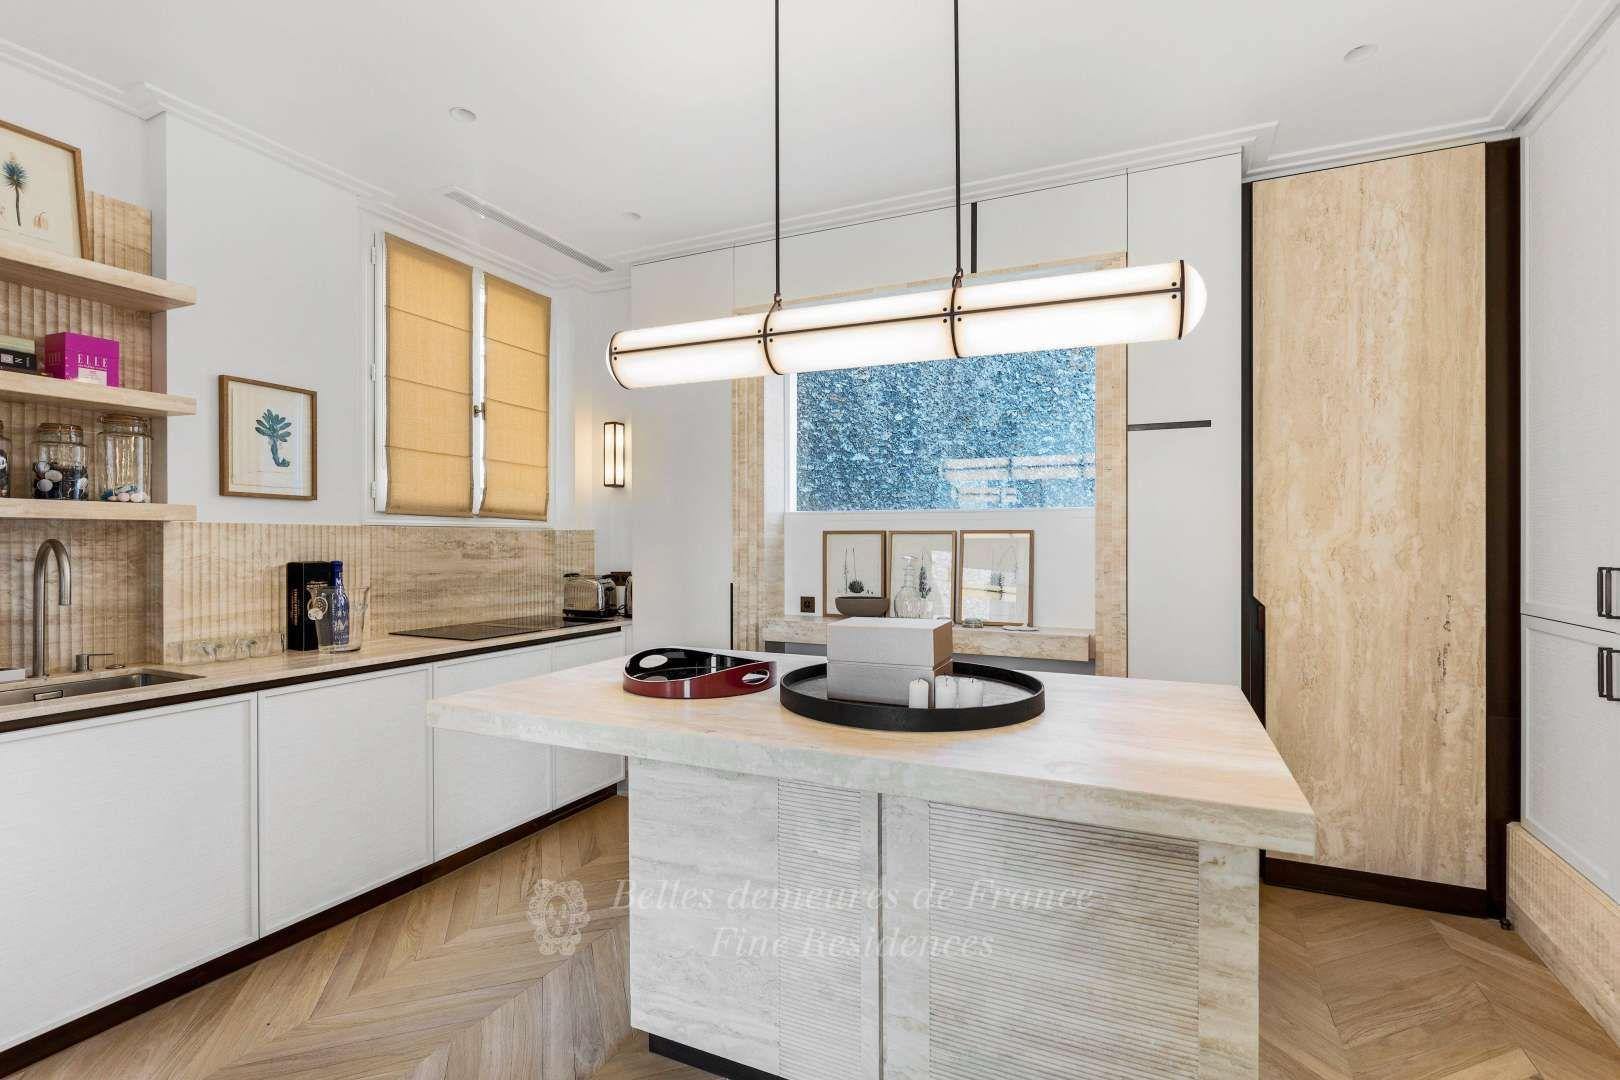 Achat Appartement Paris 7ème 75007 5 Pièces 168 M² Ref 2986263 Achat Appartement Appartement Conseils Immobiliers